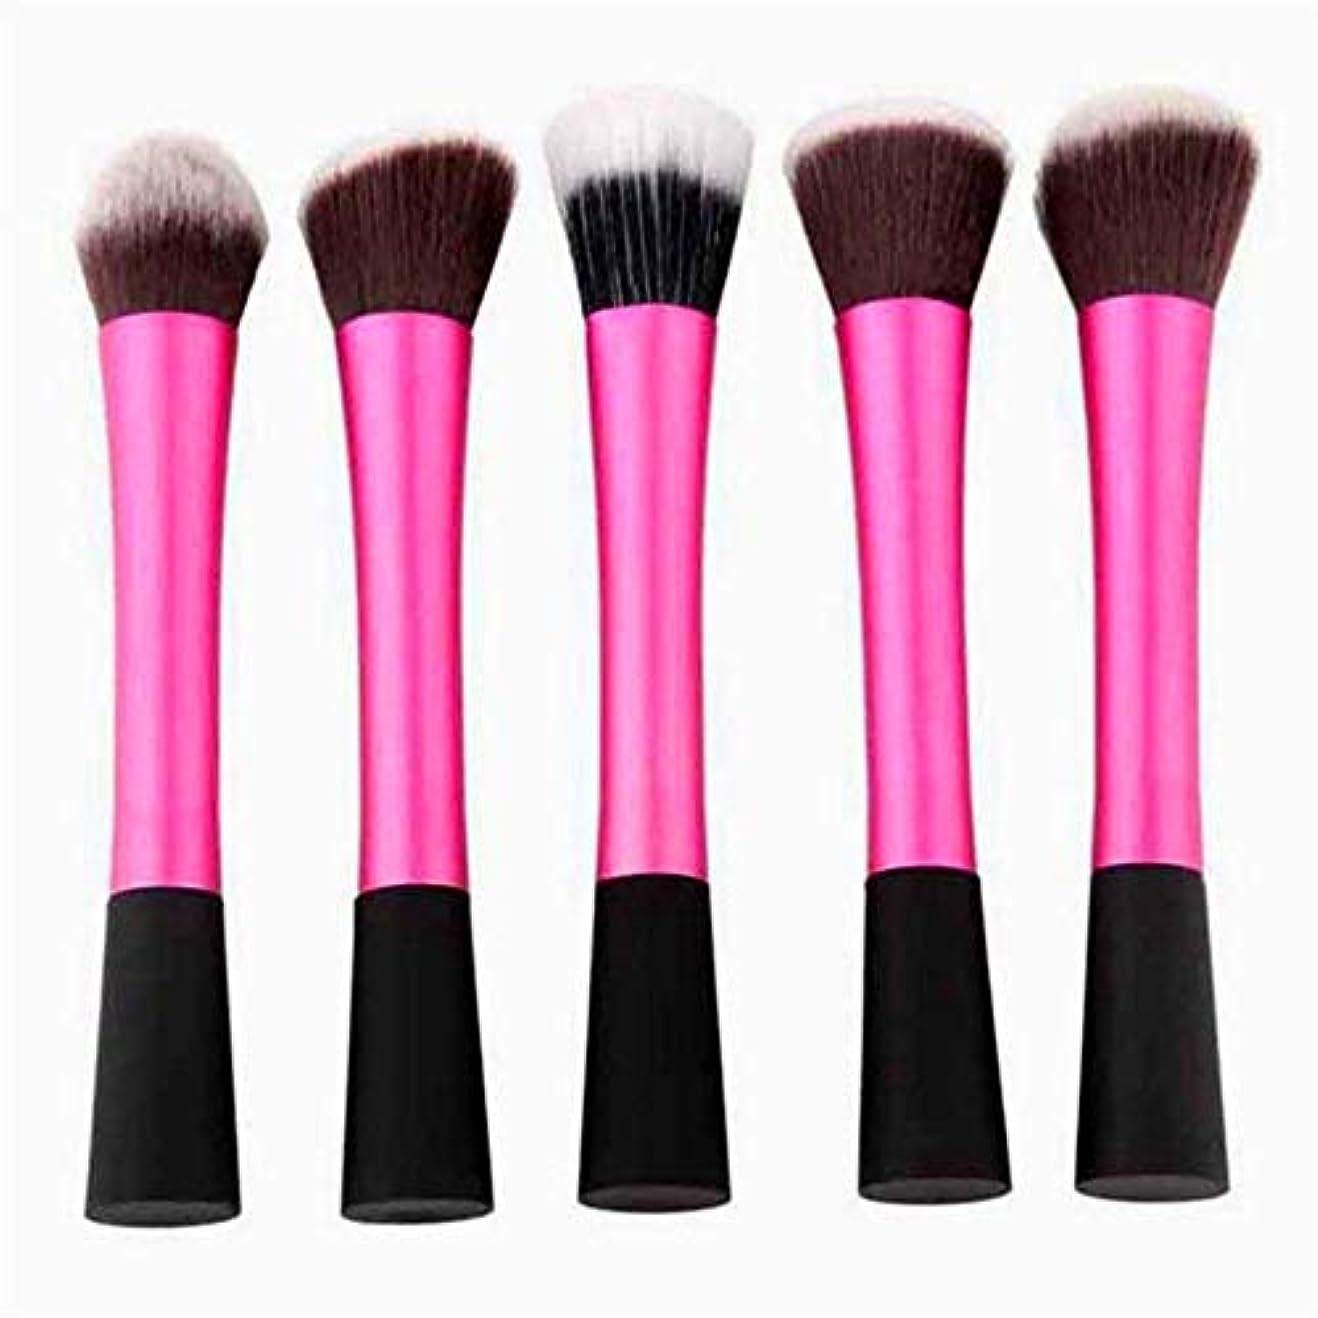 ナイトスポット生態学葉っぱMakeup brushes 5ピースピンクメイクアップブラシセット熟したアイドルパウダーブラシアイシャドウブラシ輪郭ブラシ suits (Color : Pink)